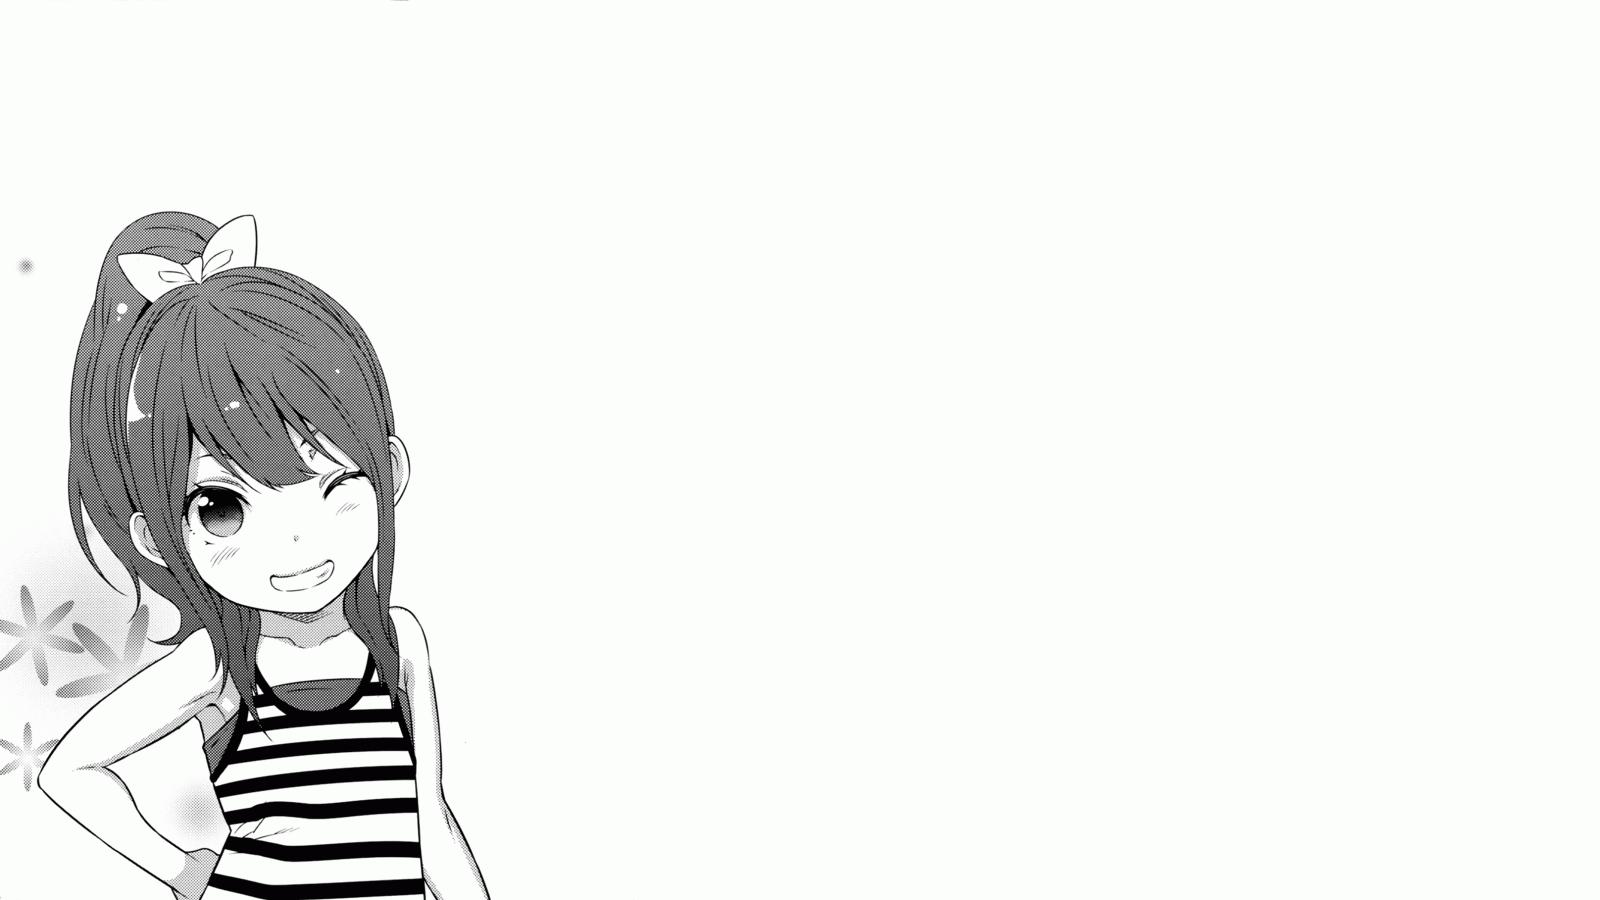 Hình nền trắng đen